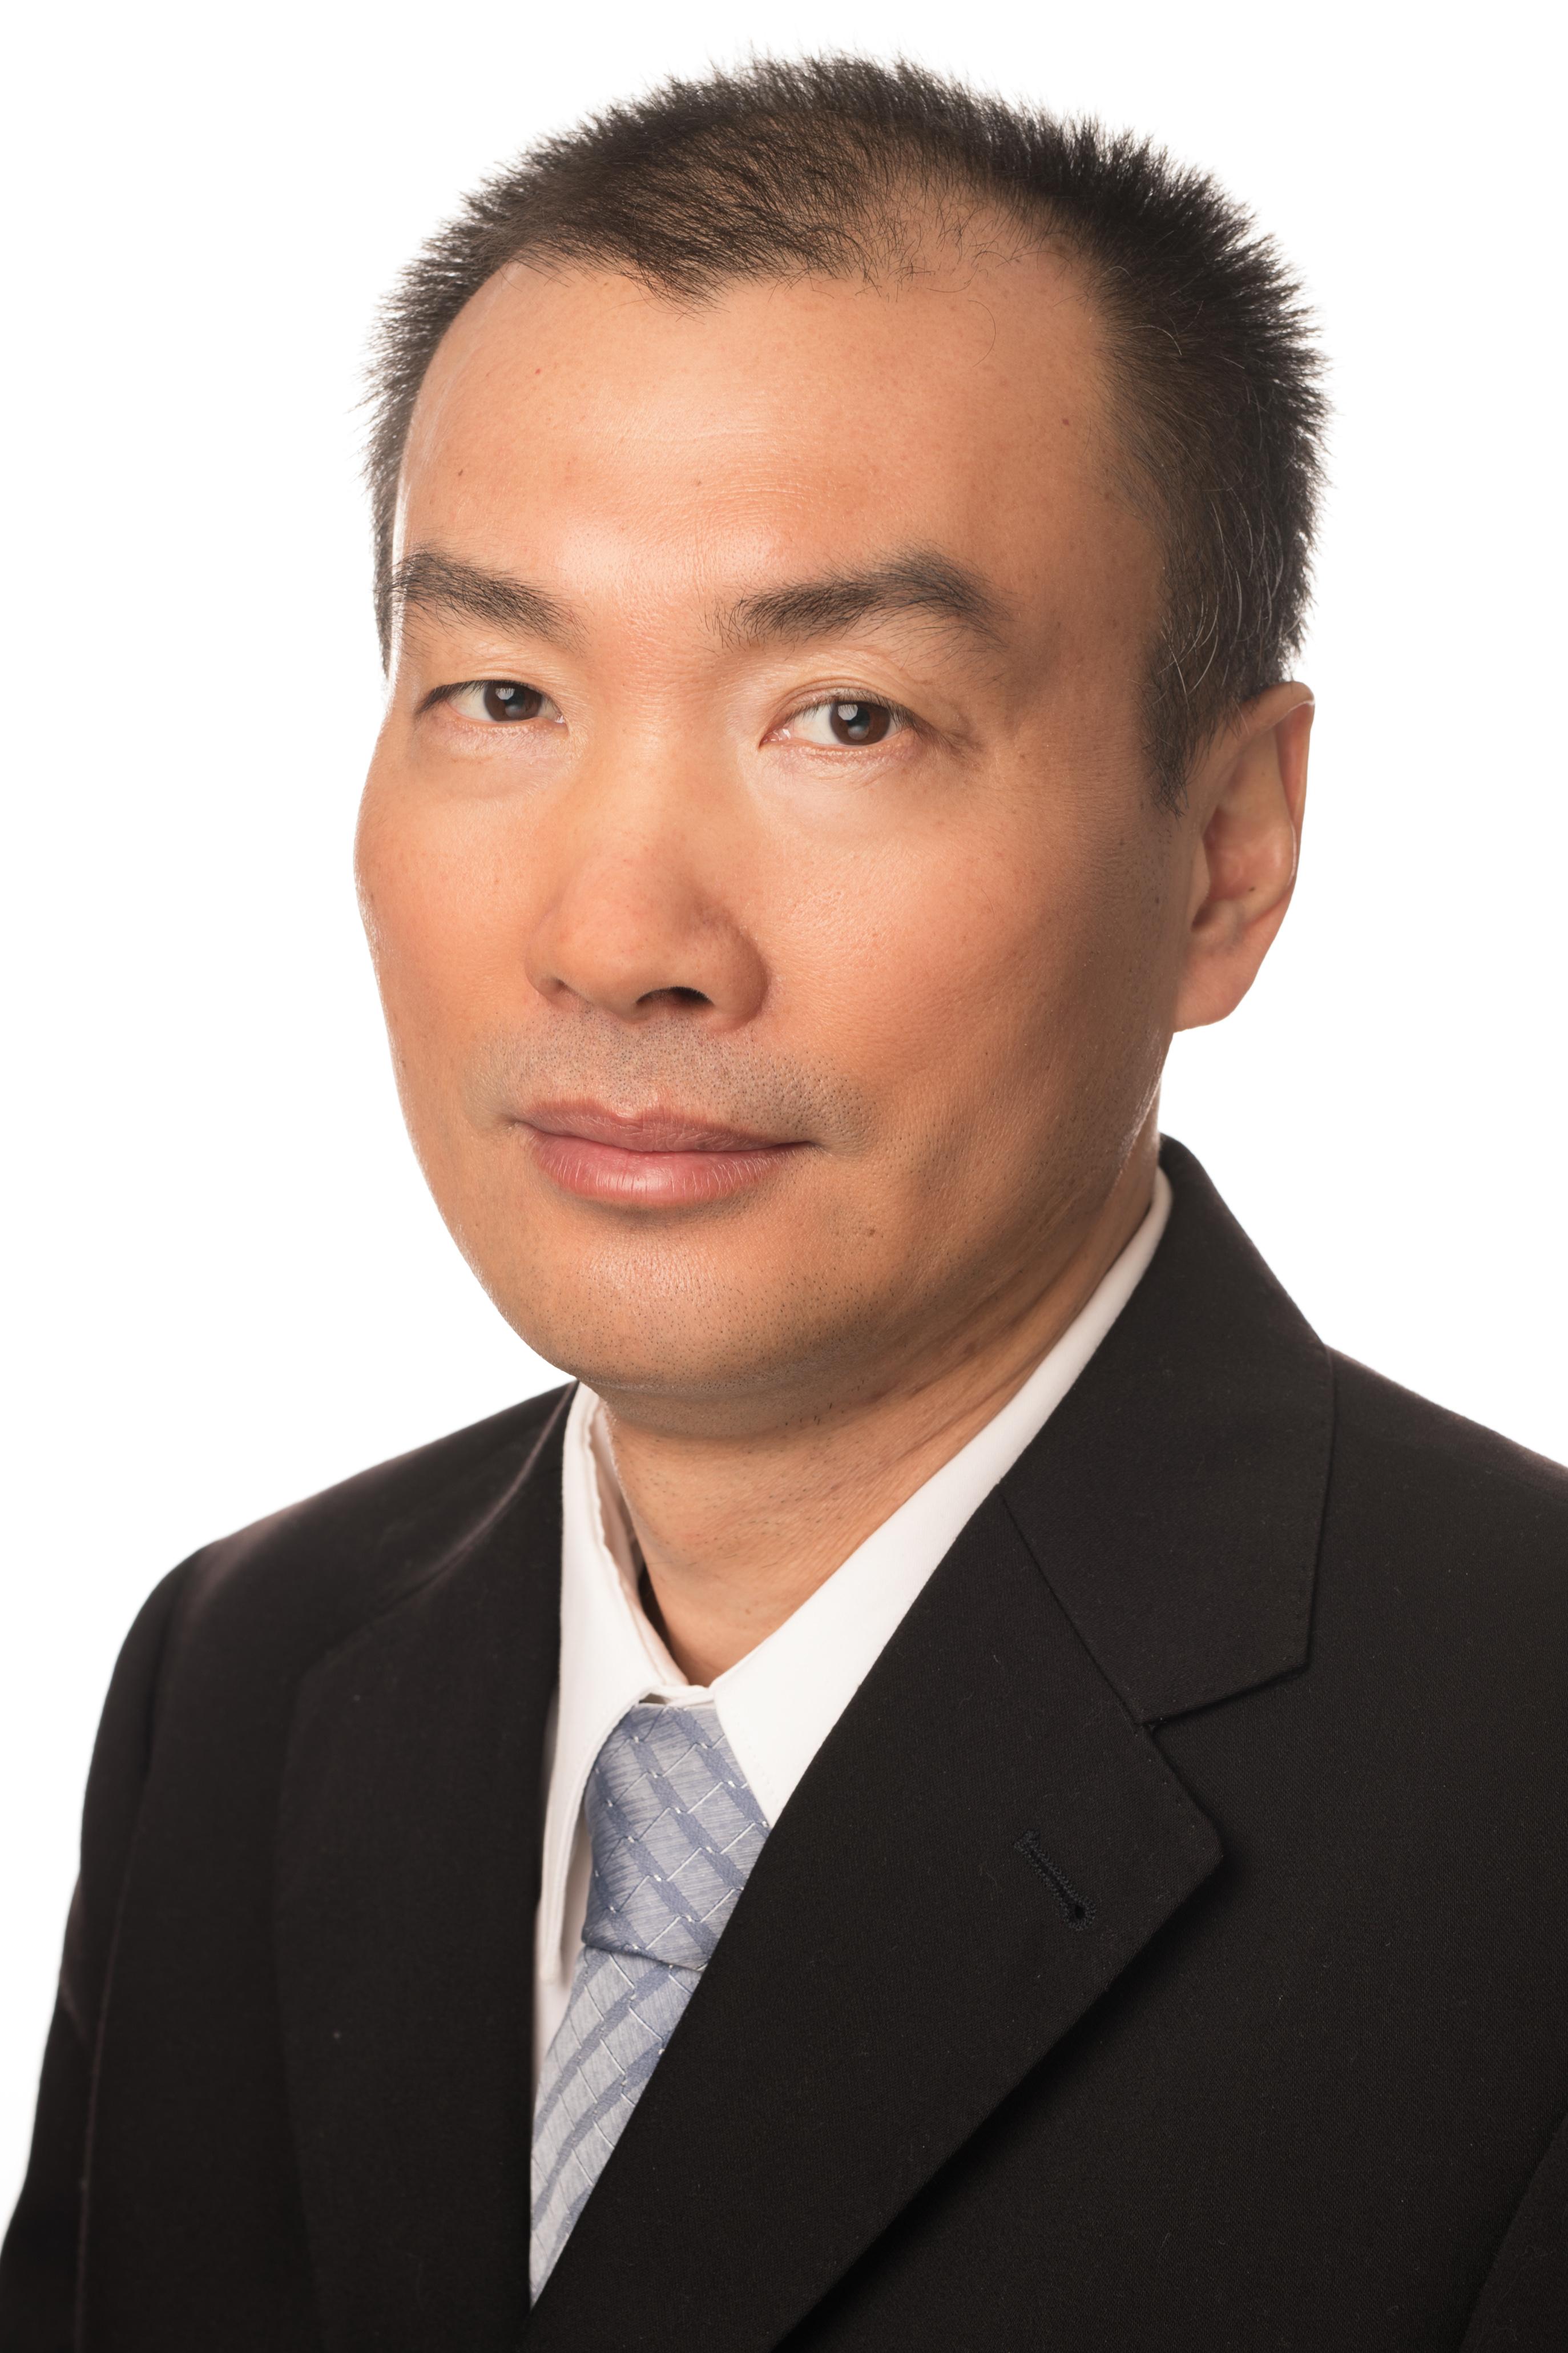 Nanaimo Notary Chinese Speaking